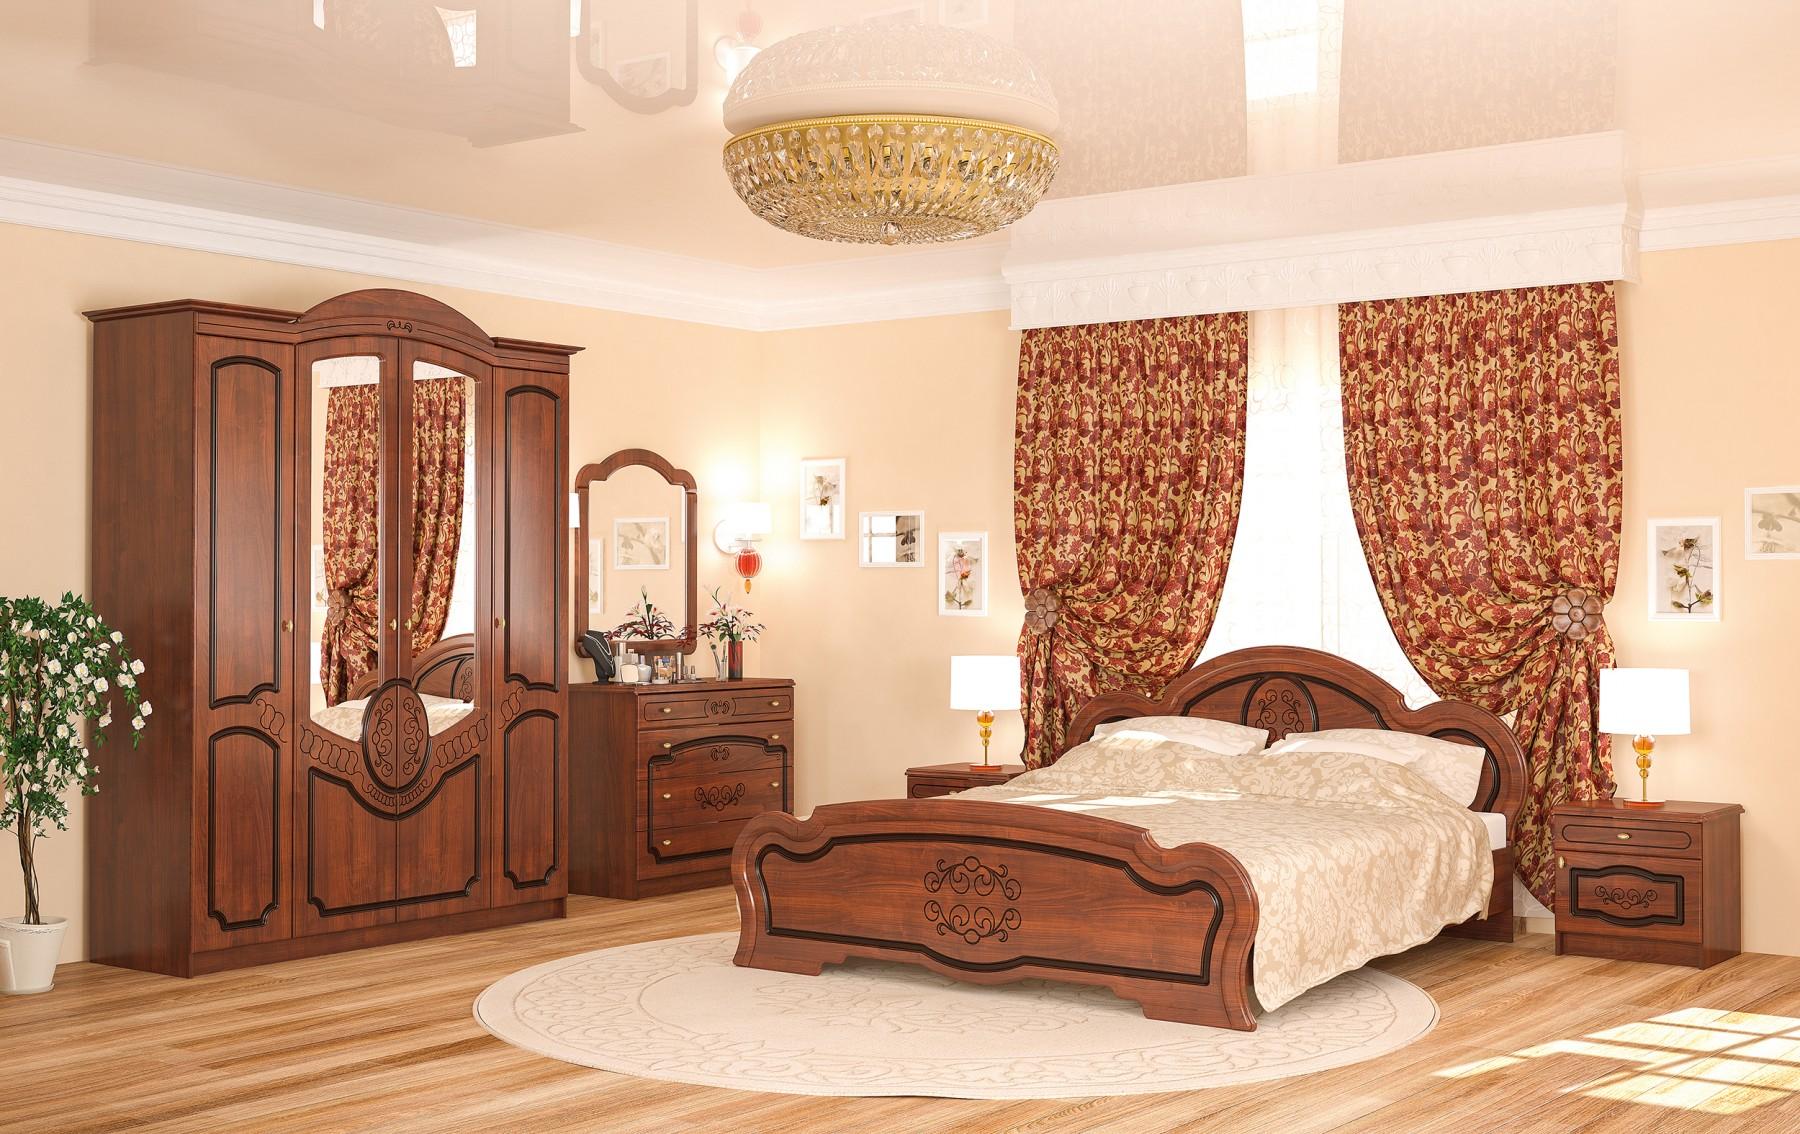 самаая необходимая мебель в спальне в интерьере спальни классик